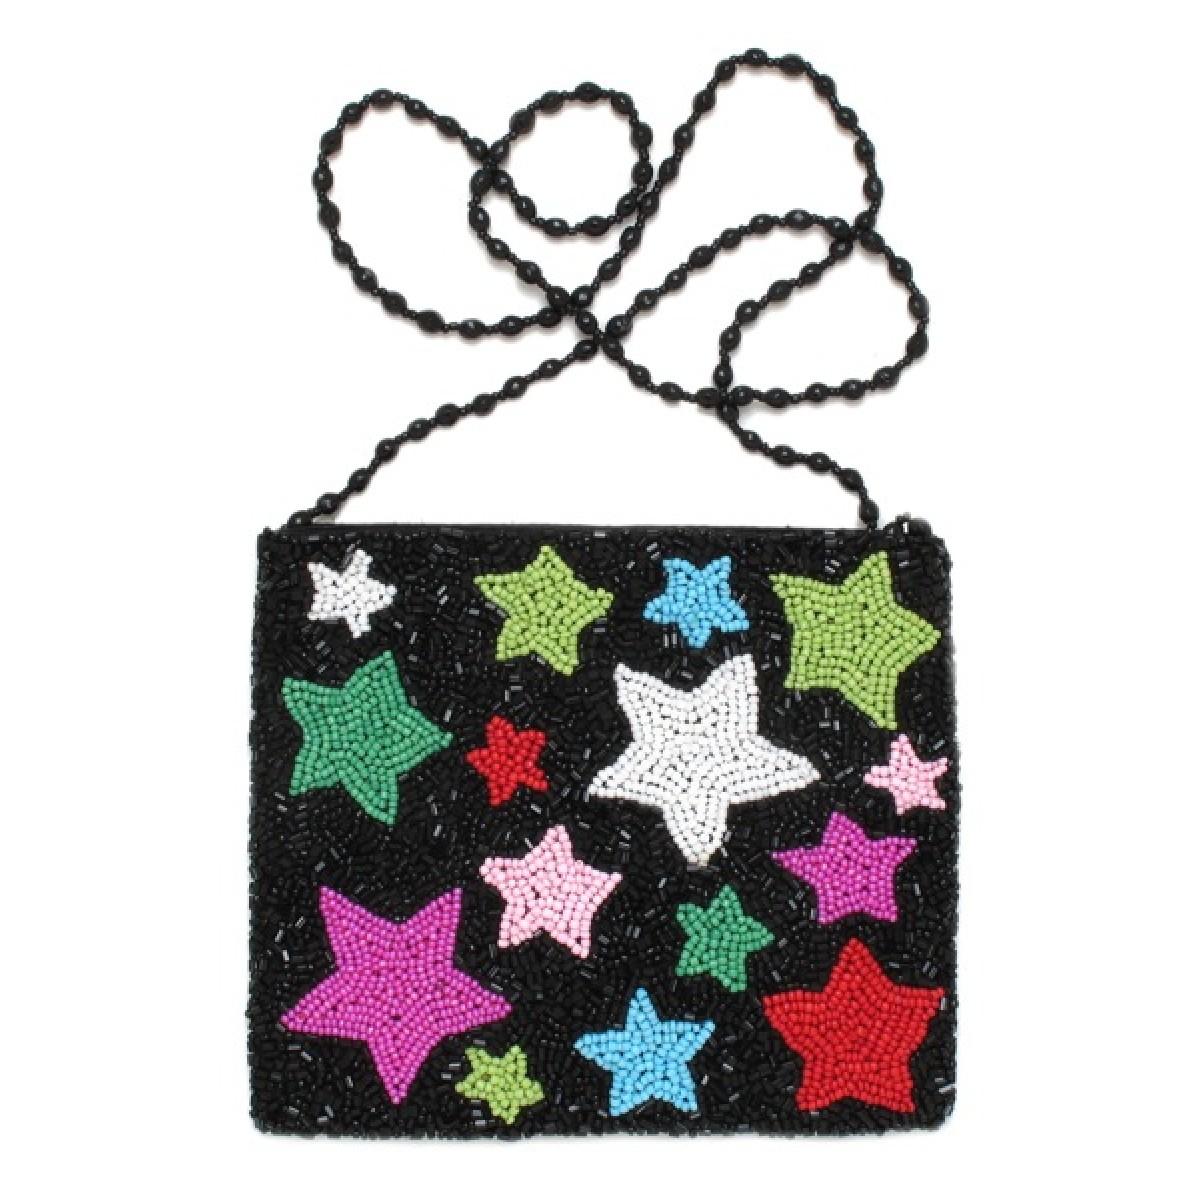 Fully Beaded Star Bag